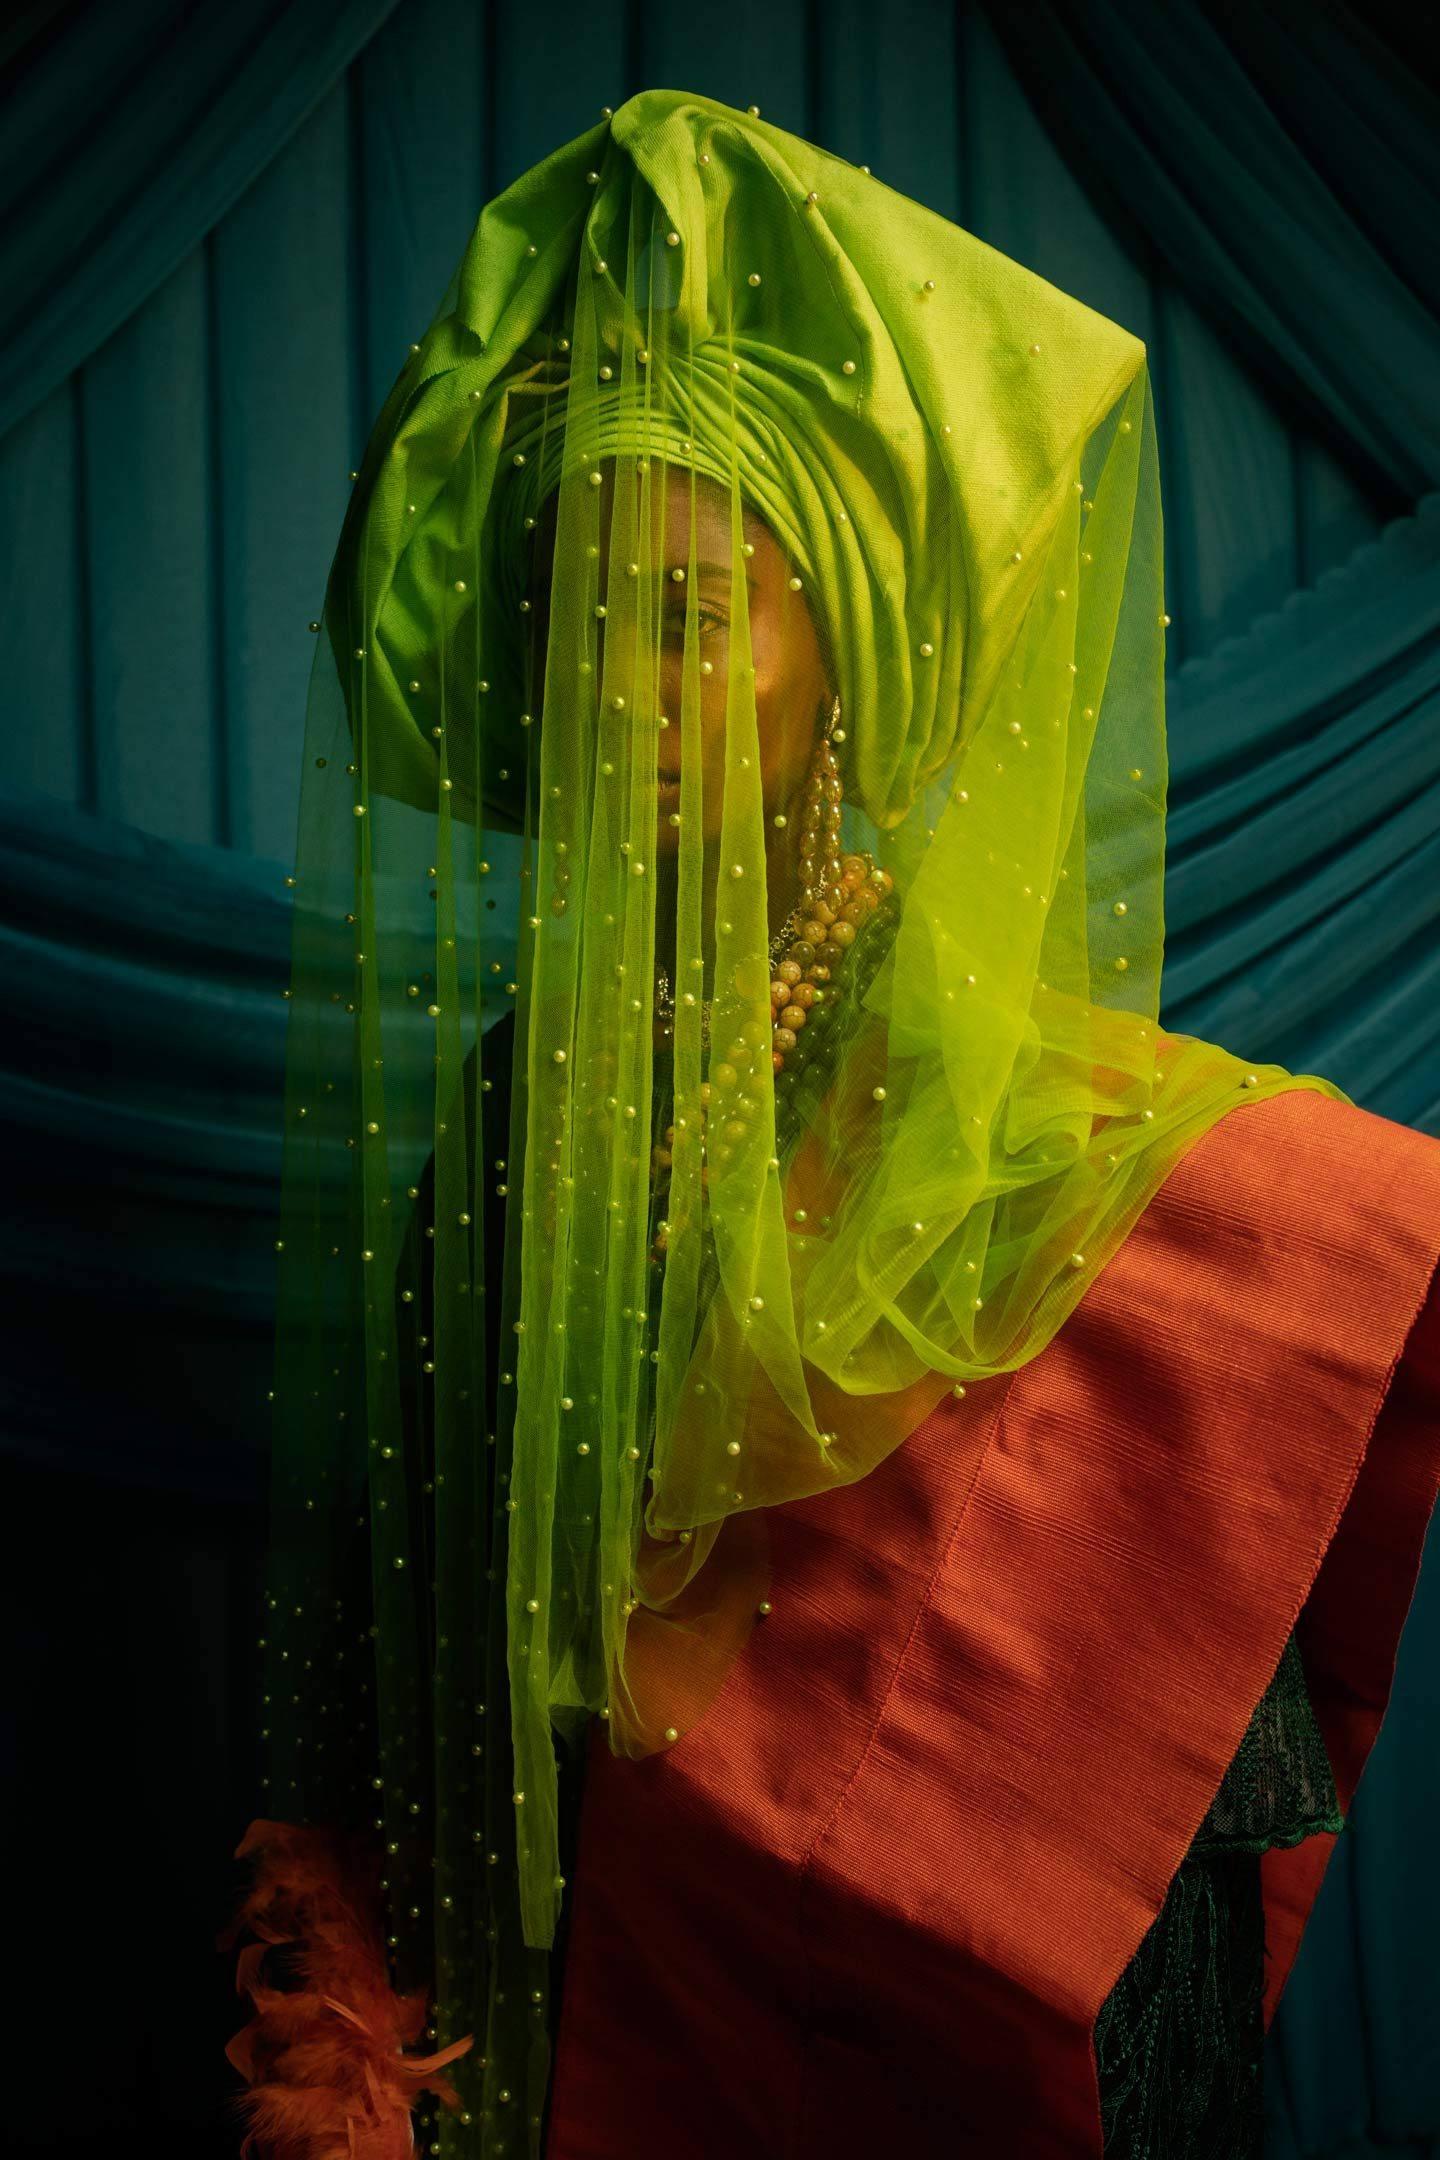 IGNANT-Photography-LakinOgunbanwo-12